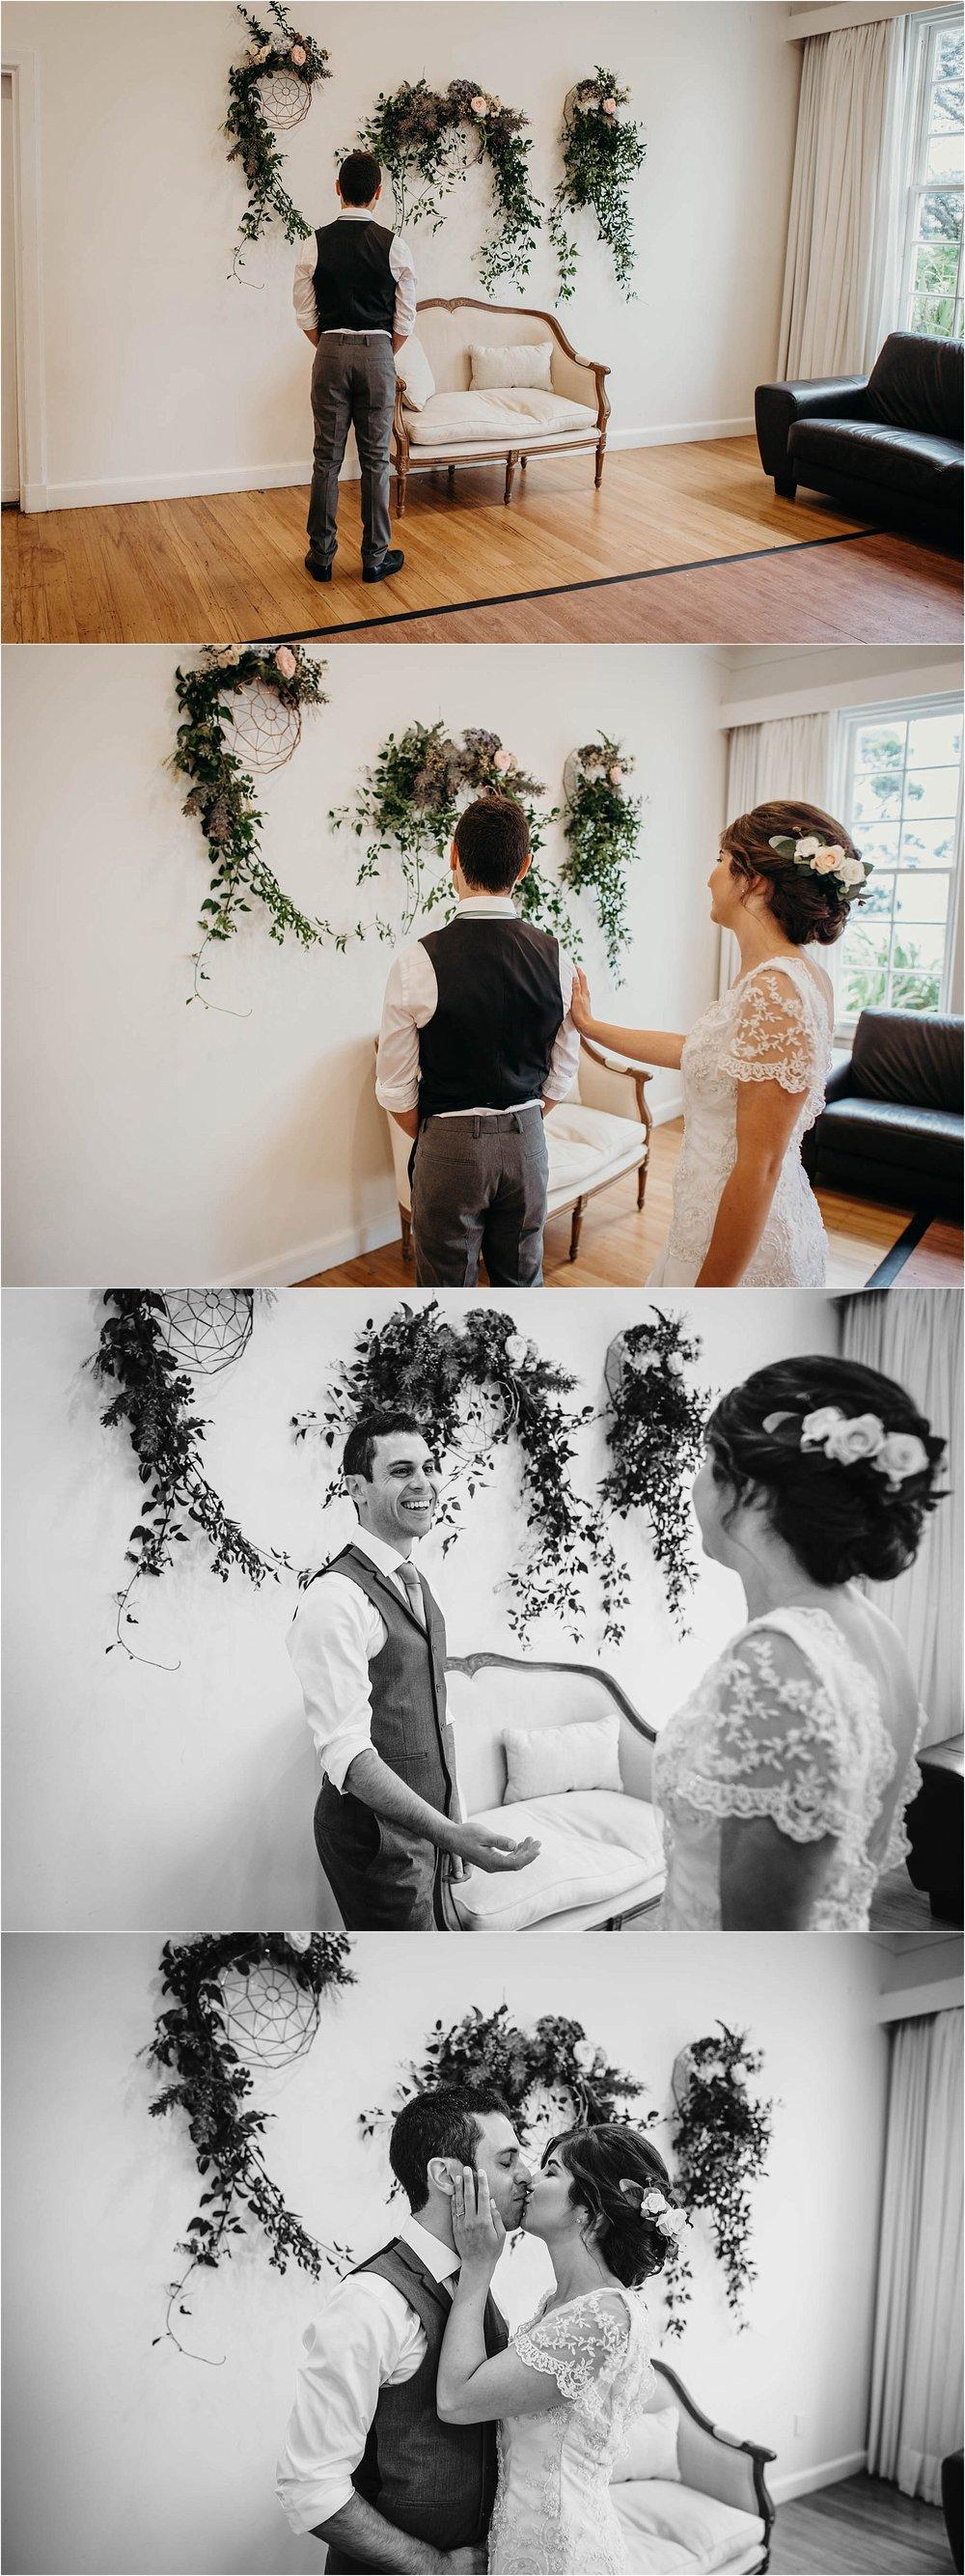 Auckland-Wedding-Photographer-Vanessa-Julian-Officers-Mess-Married_0009.jpg